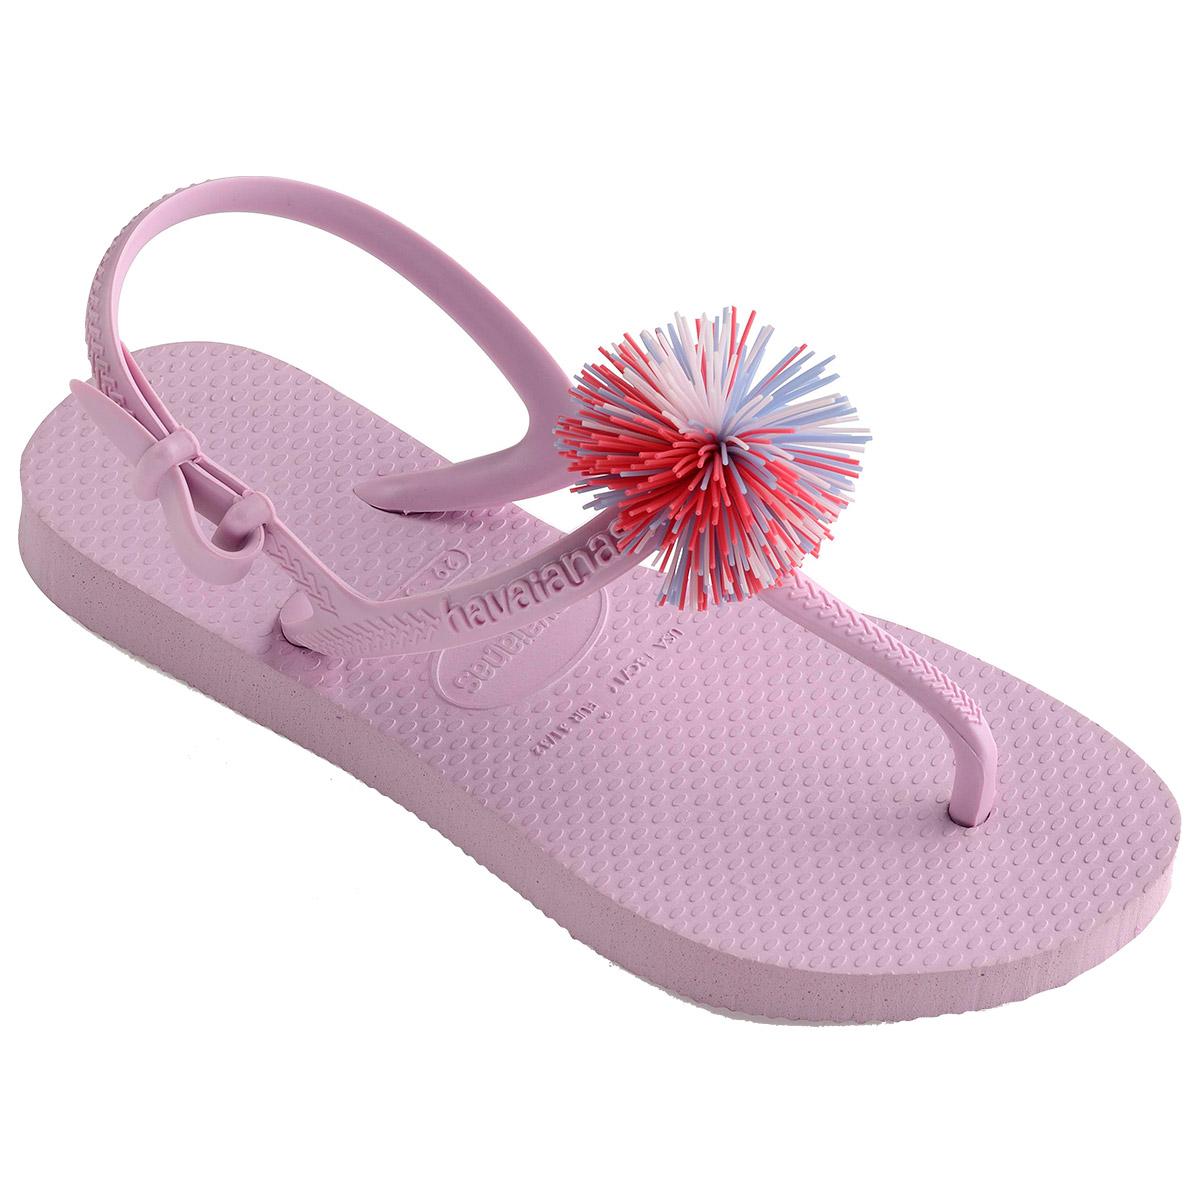 e3b5cbbb905 Havaianas Sandalen roze - kleertjes.com